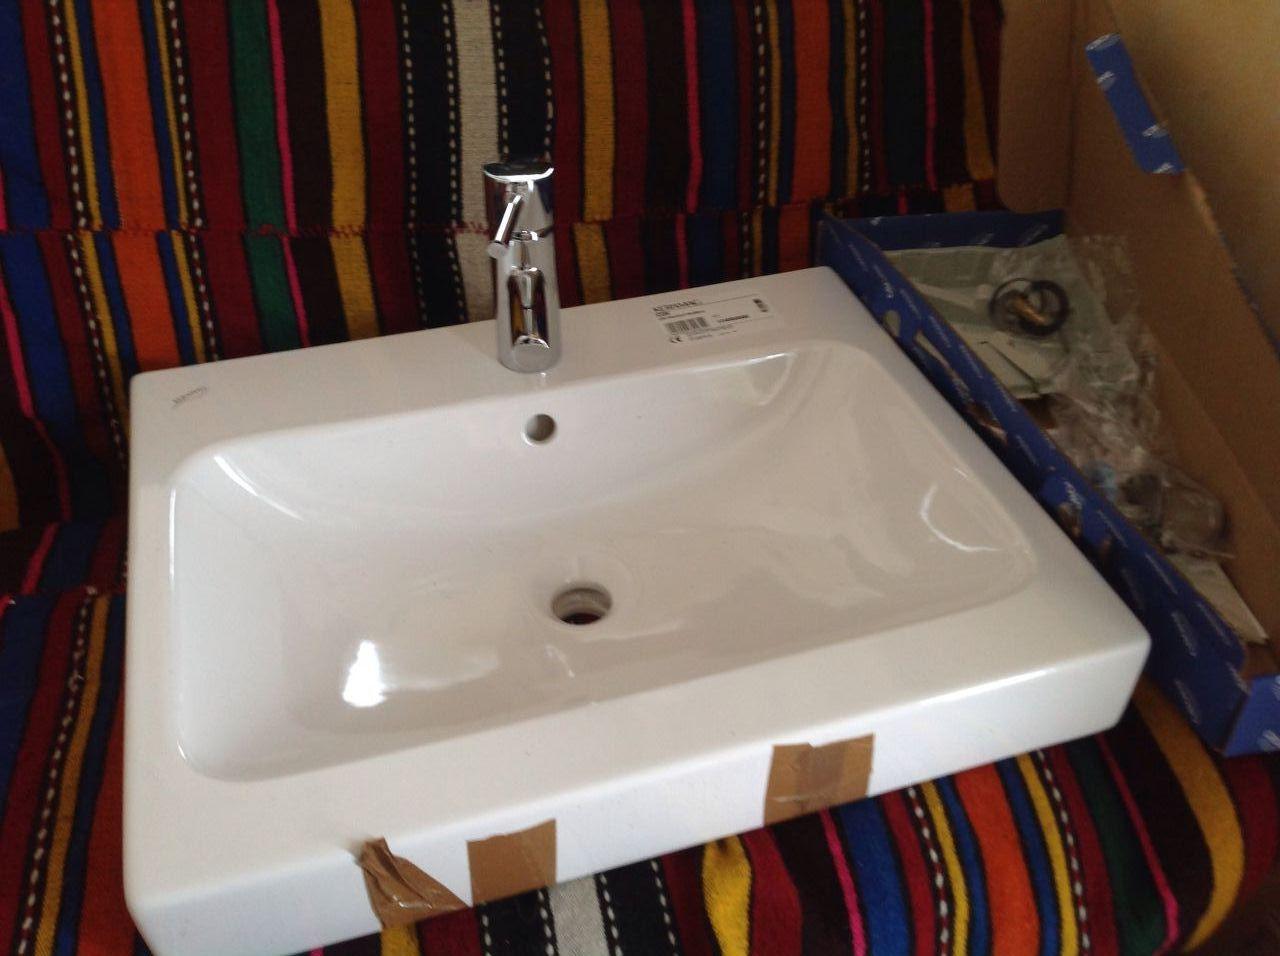 commande sanitaires chez reuter badshop test d 39 tanch it blower d 39 or bas rhin. Black Bedroom Furniture Sets. Home Design Ideas